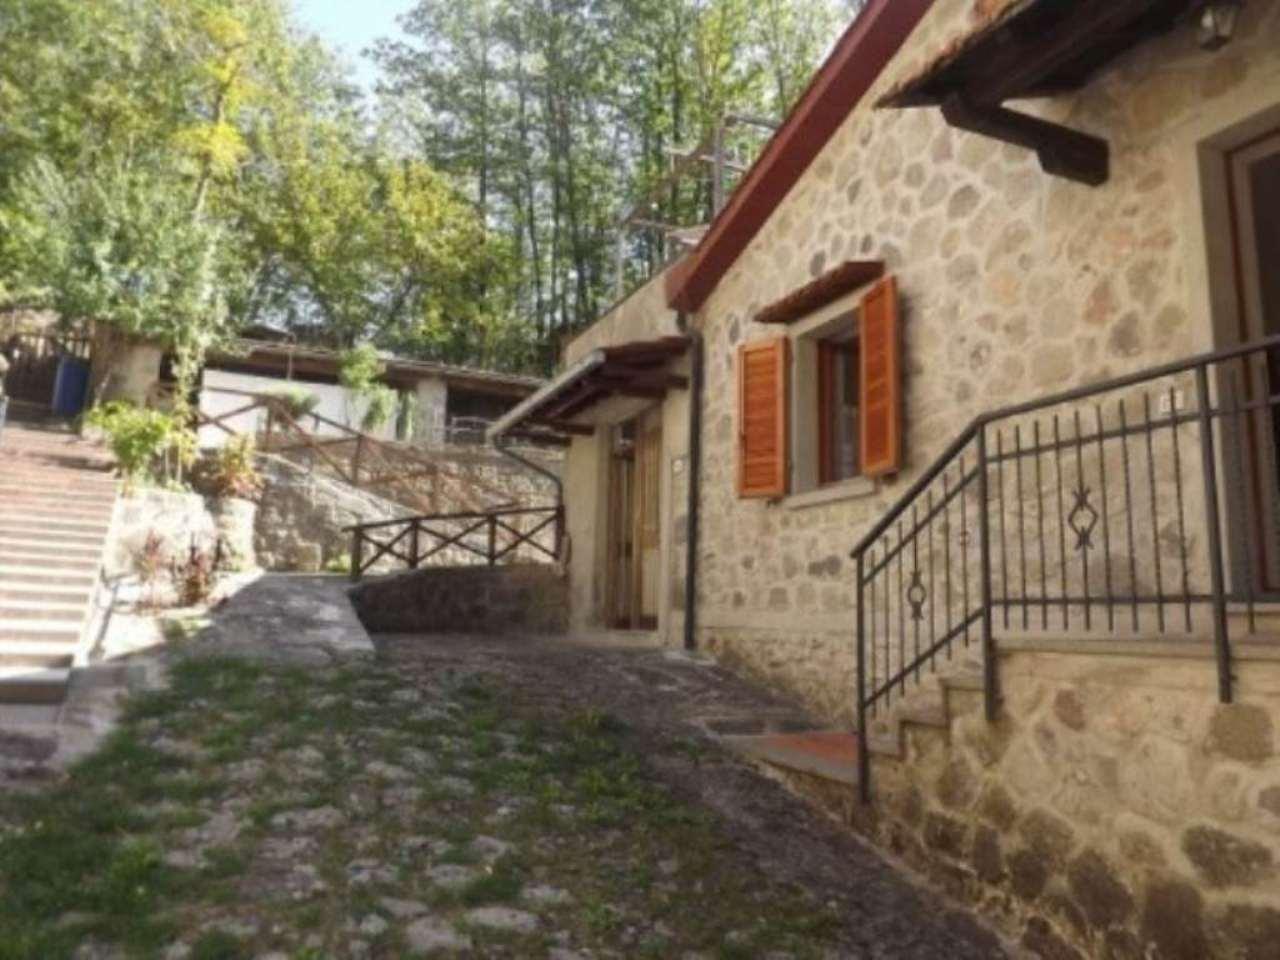 Appartamento in vendita a Piancastagnaio, 5 locali, prezzo € 70.000 | Cambio Casa.it